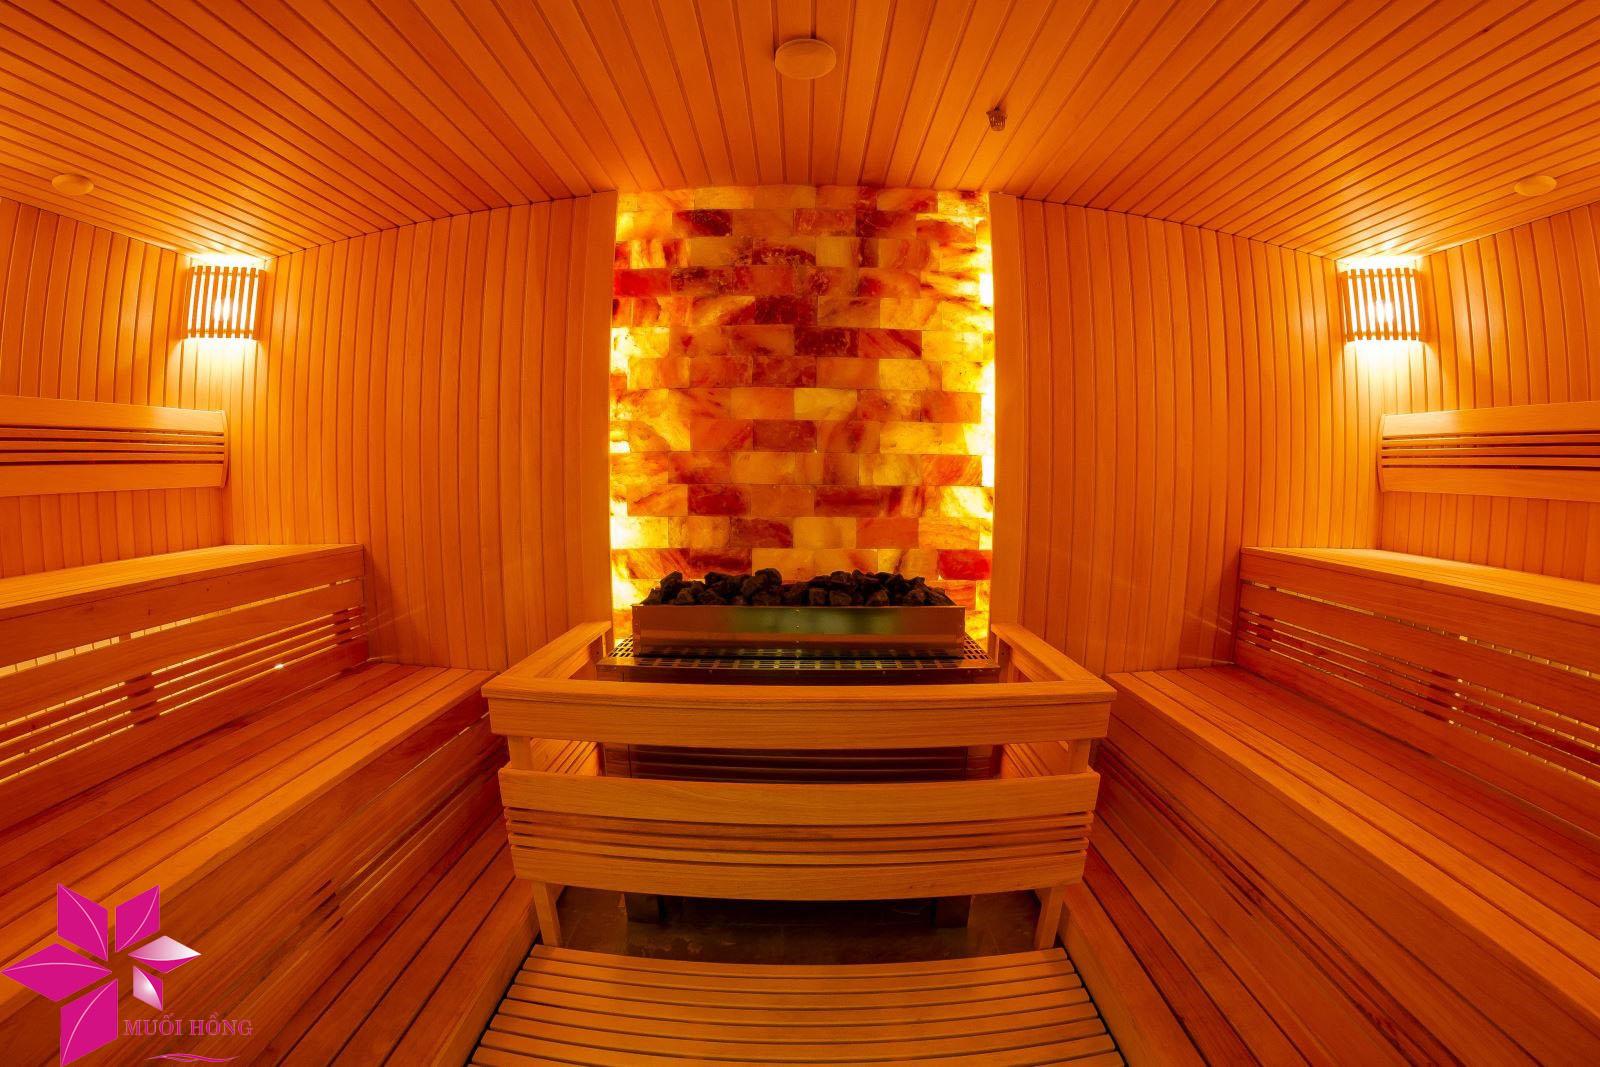 Xây phòng xông đá muối tại nhà đúng chuẩn chất lượng Hàn Quốc